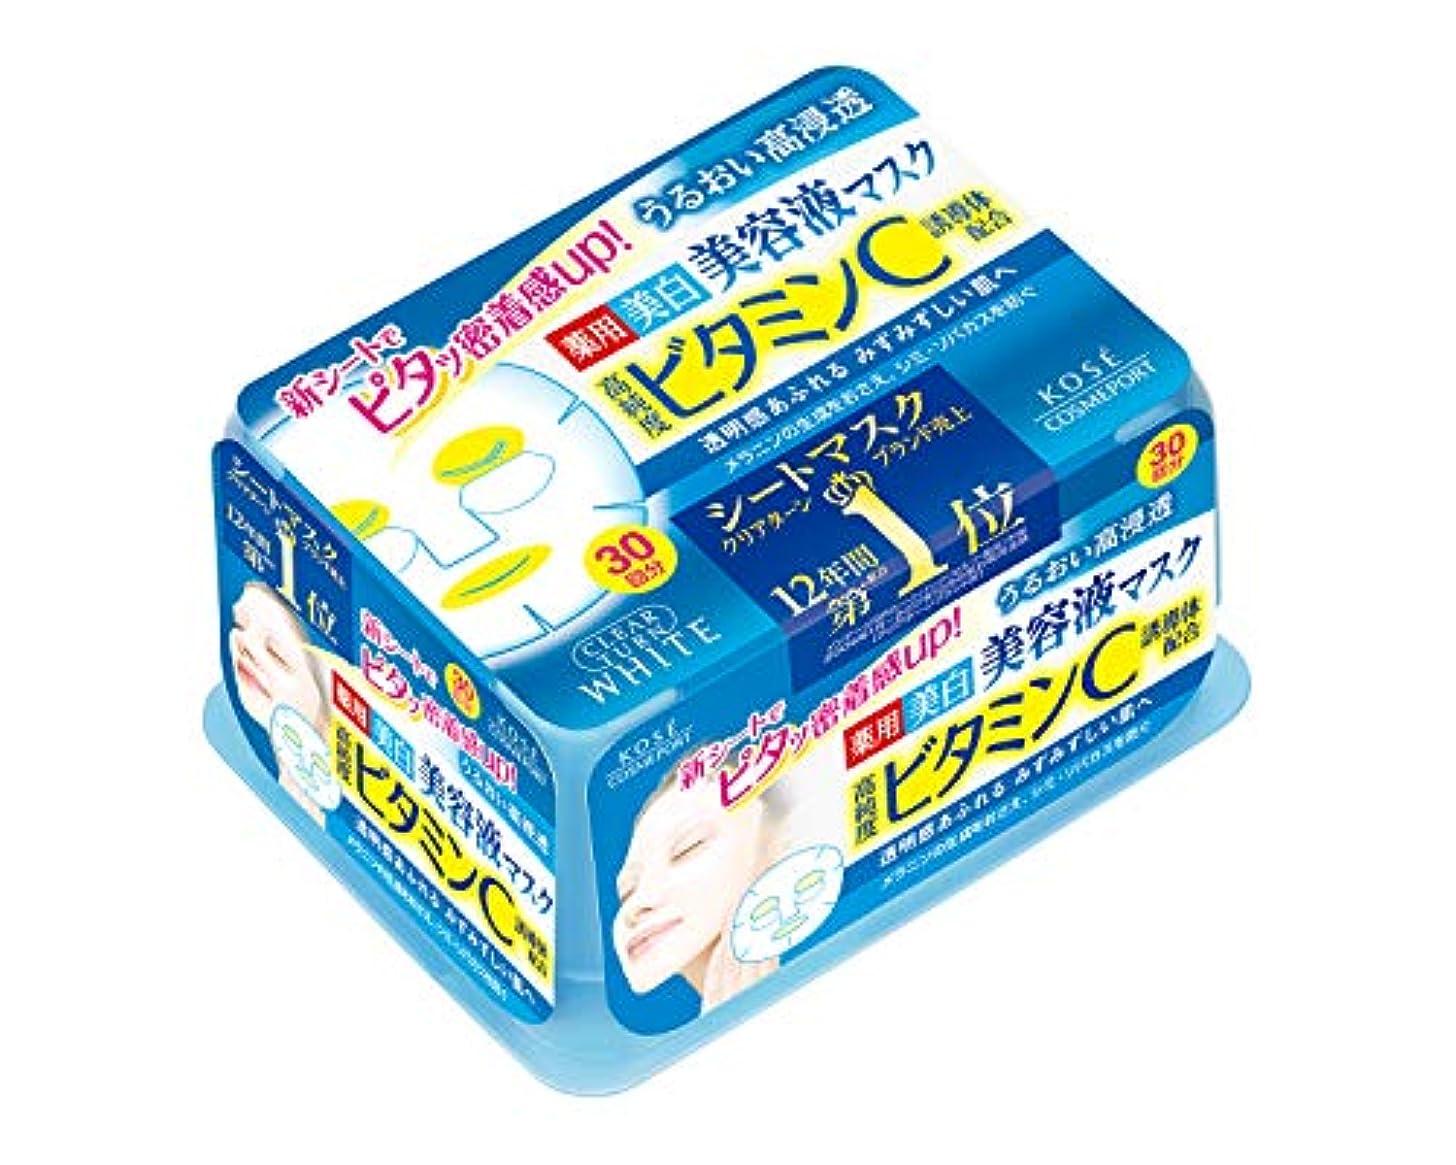 ビルマスカルク差別化するKOSE クリアターン エッセンスマスク (ビタミンC) 30回分